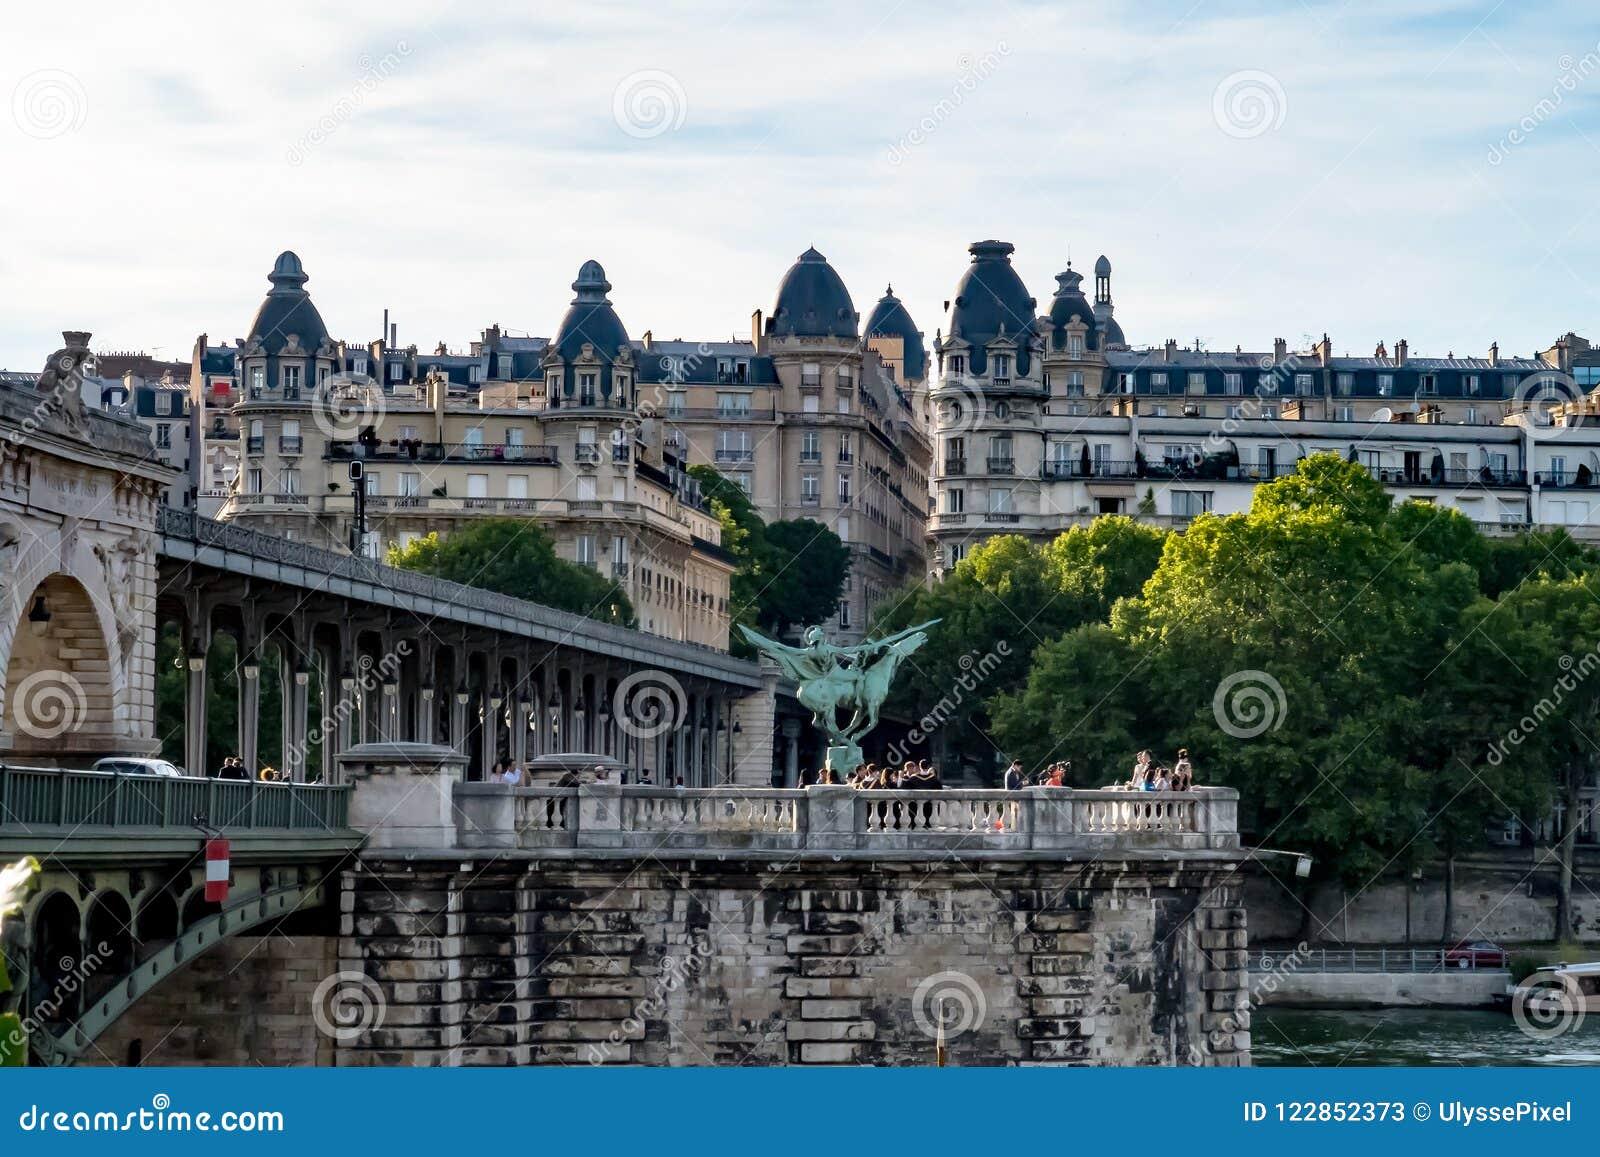 Pont De Bir Hakeim Over The Seine Paris France Editorial